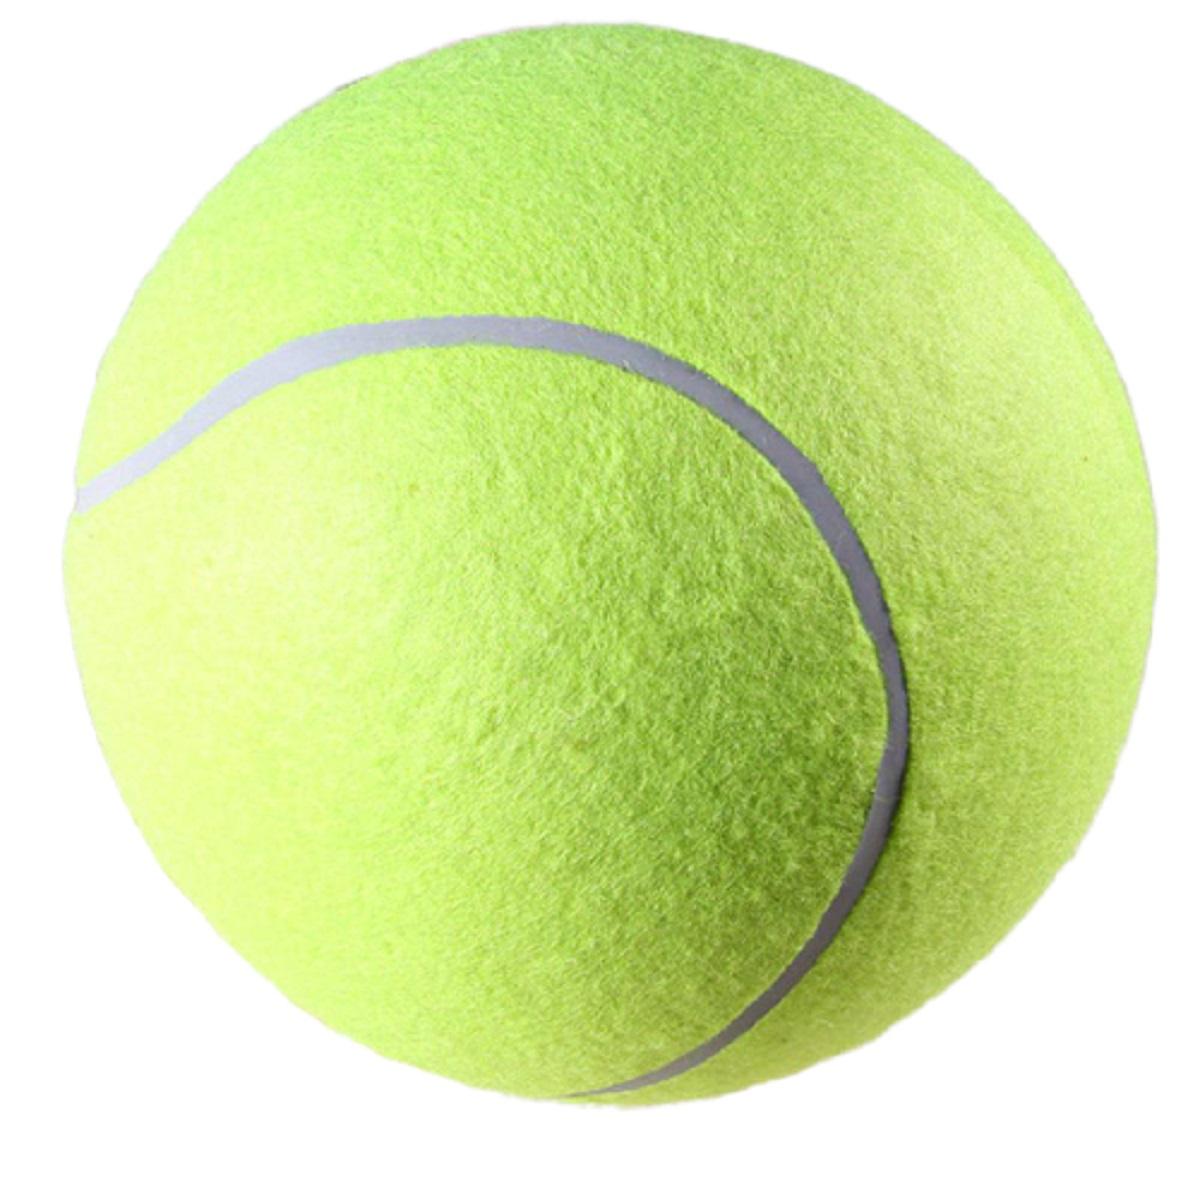 Bola De Tênis - Gigante - Big Ball